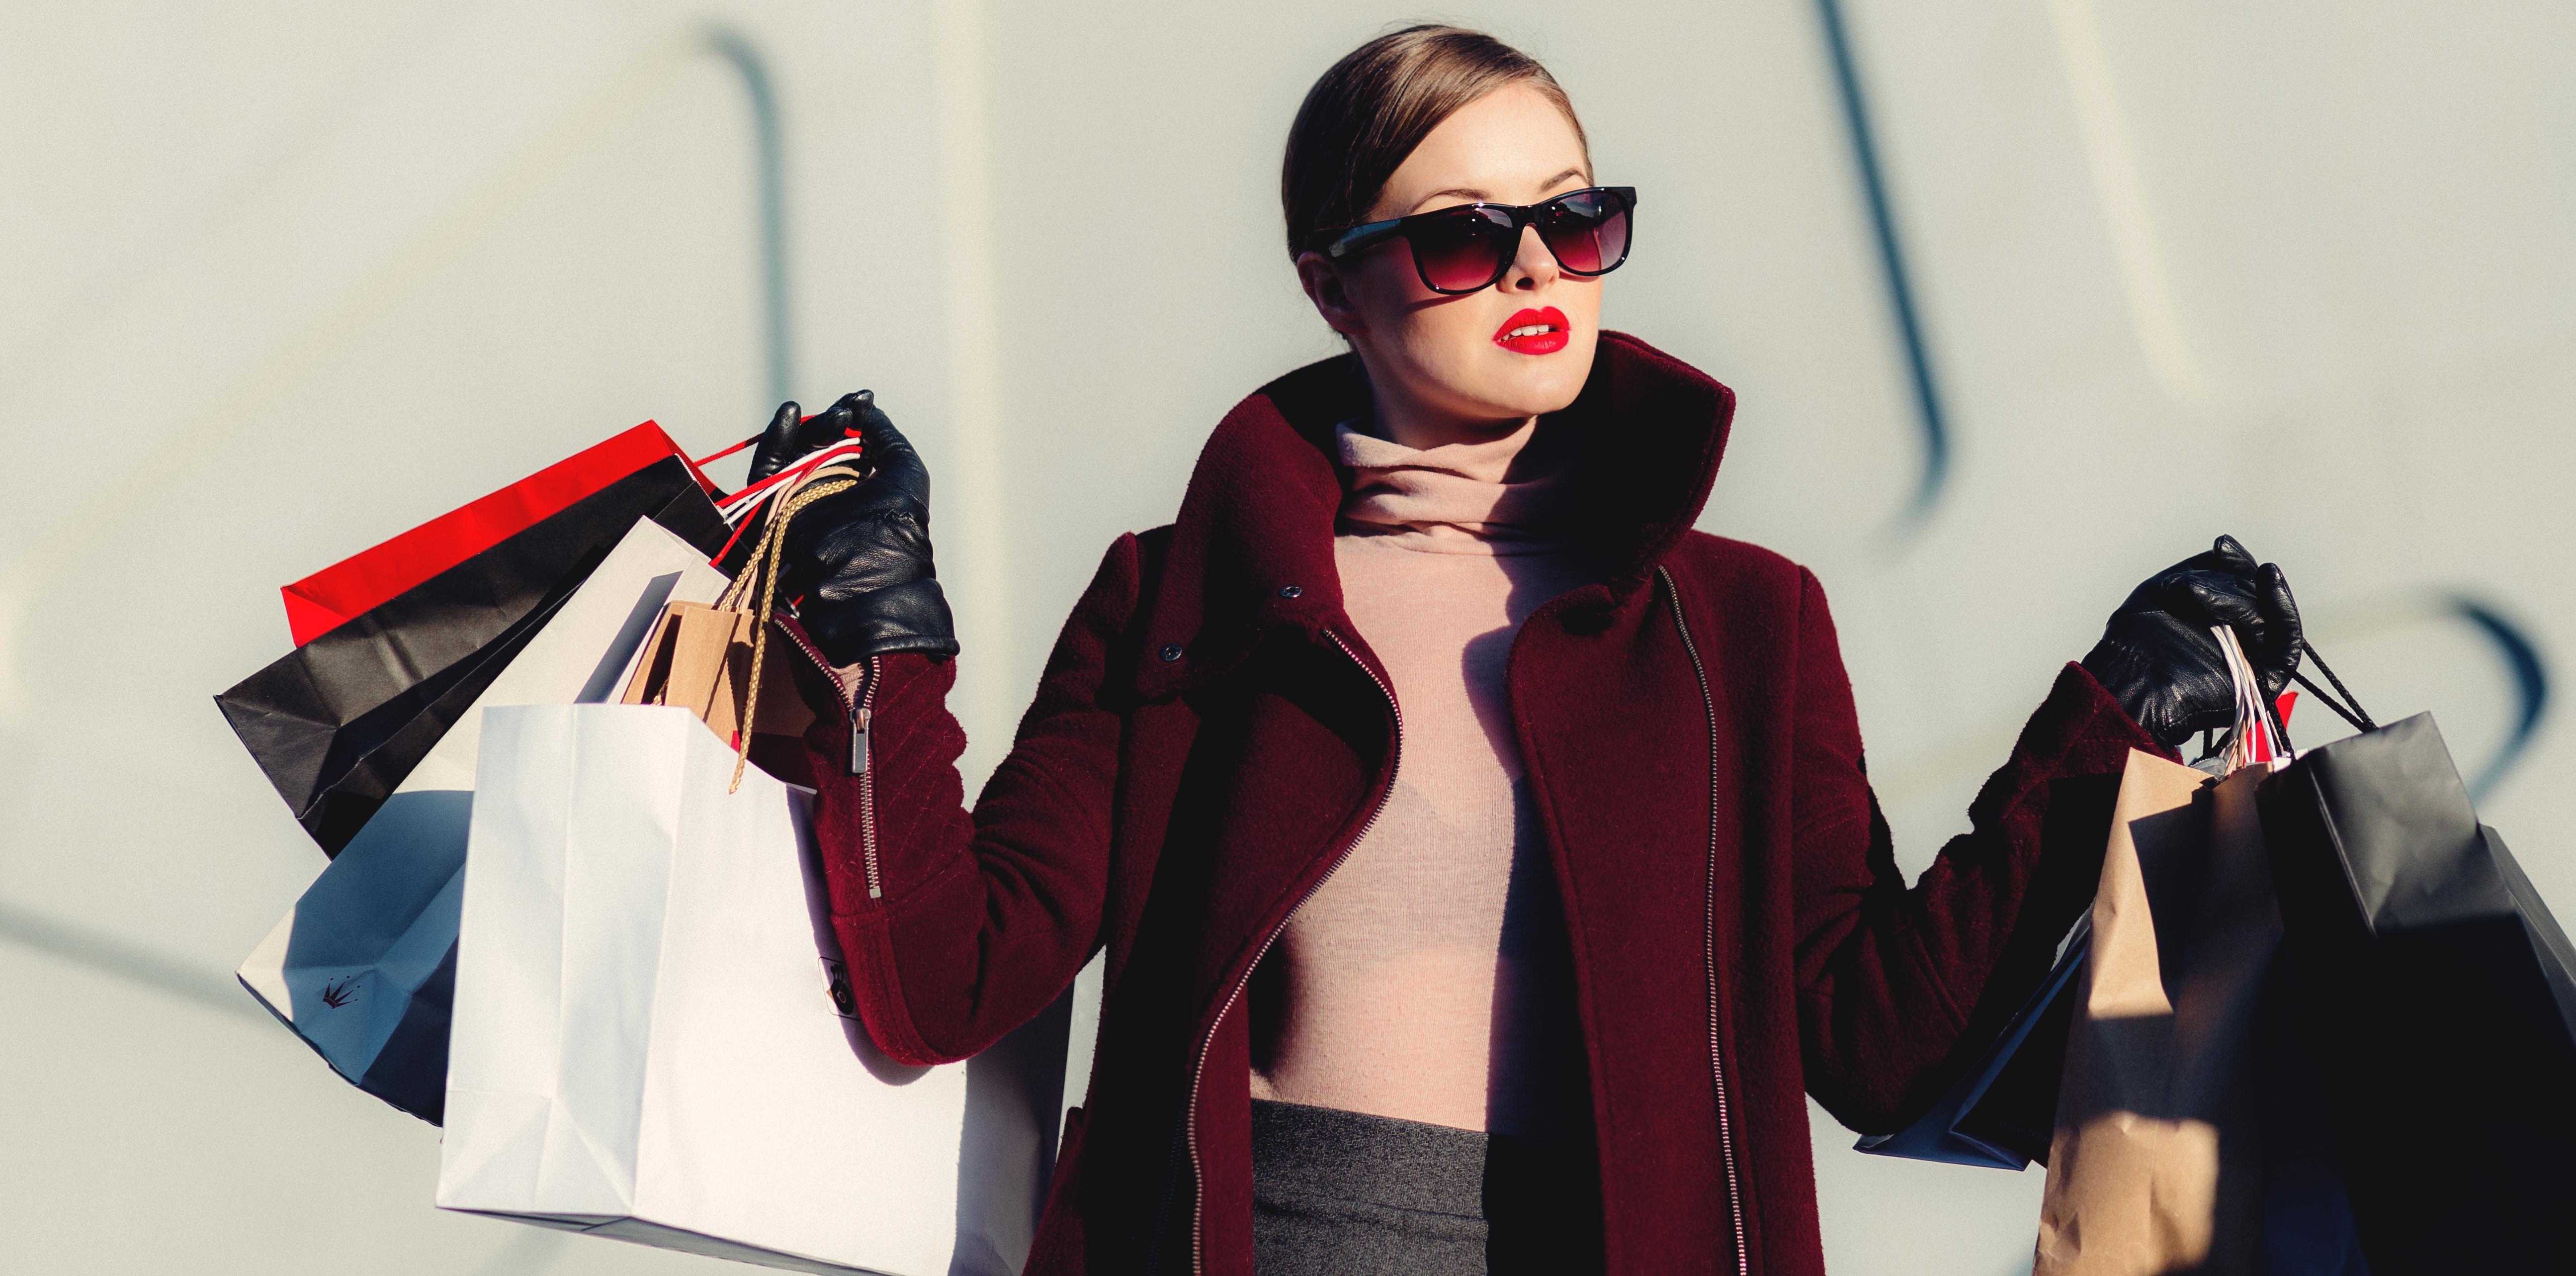 Cinelle boutique shopping, site mode femme tendance et pas cher, livraison gratuite dès 50 euros d'achat